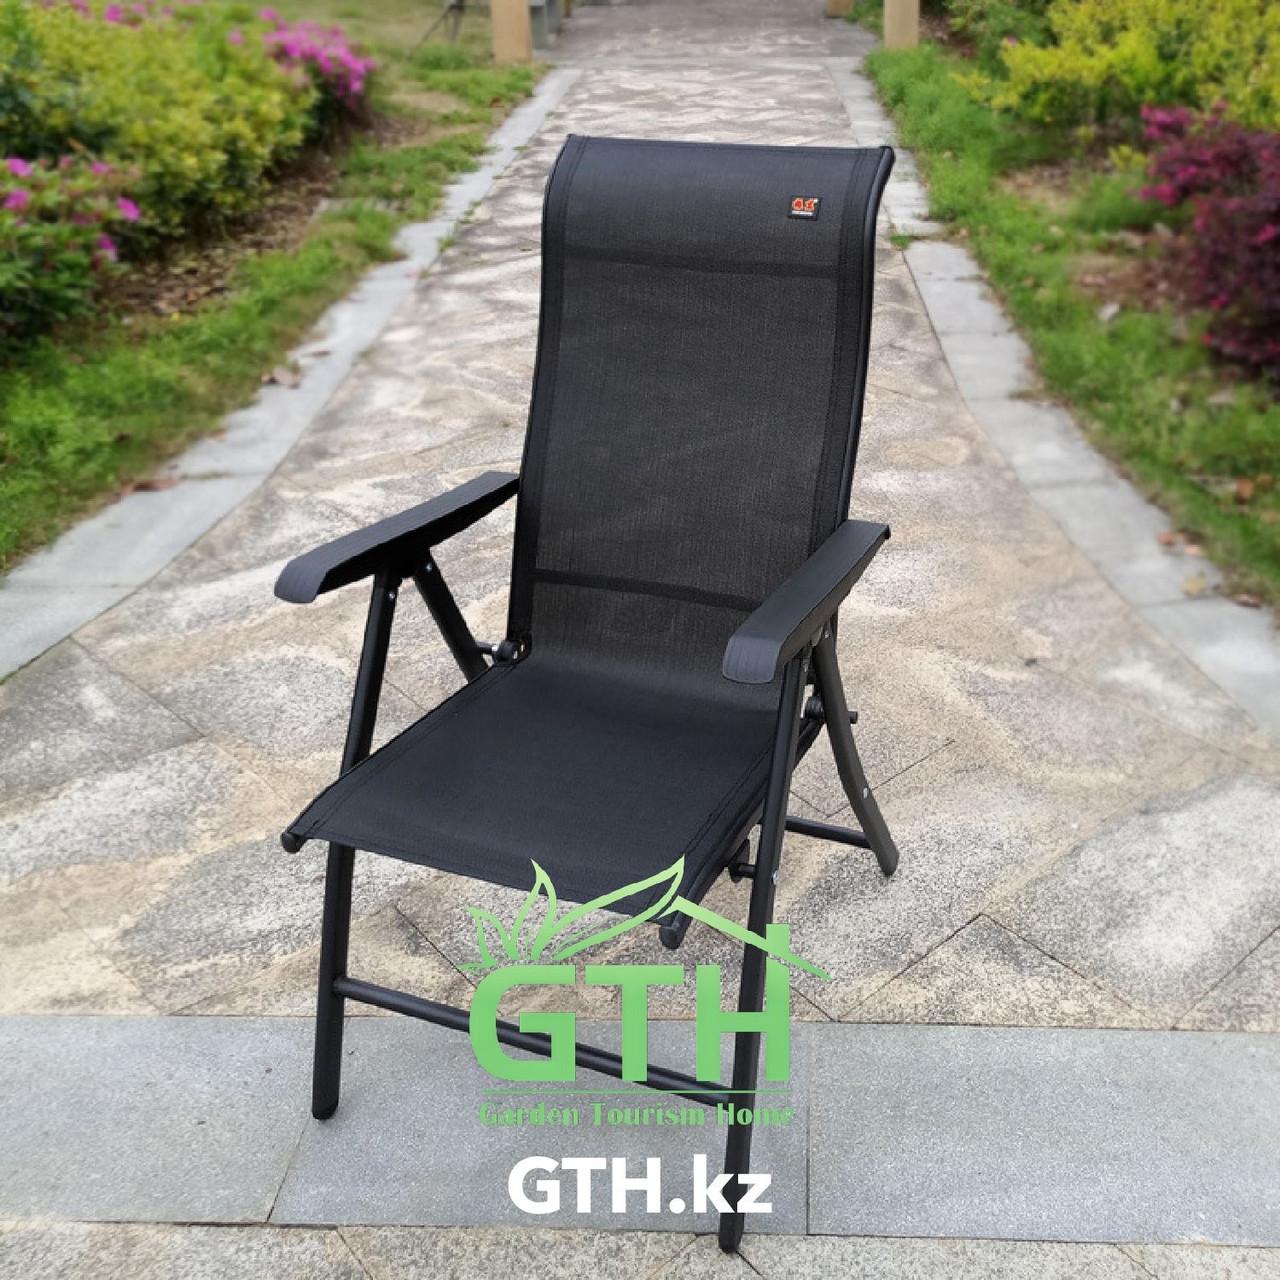 Складное кресло с регулировкой спины Zhejang Zhendong. Нагрузка 150 кг. Доставка. - фото 1